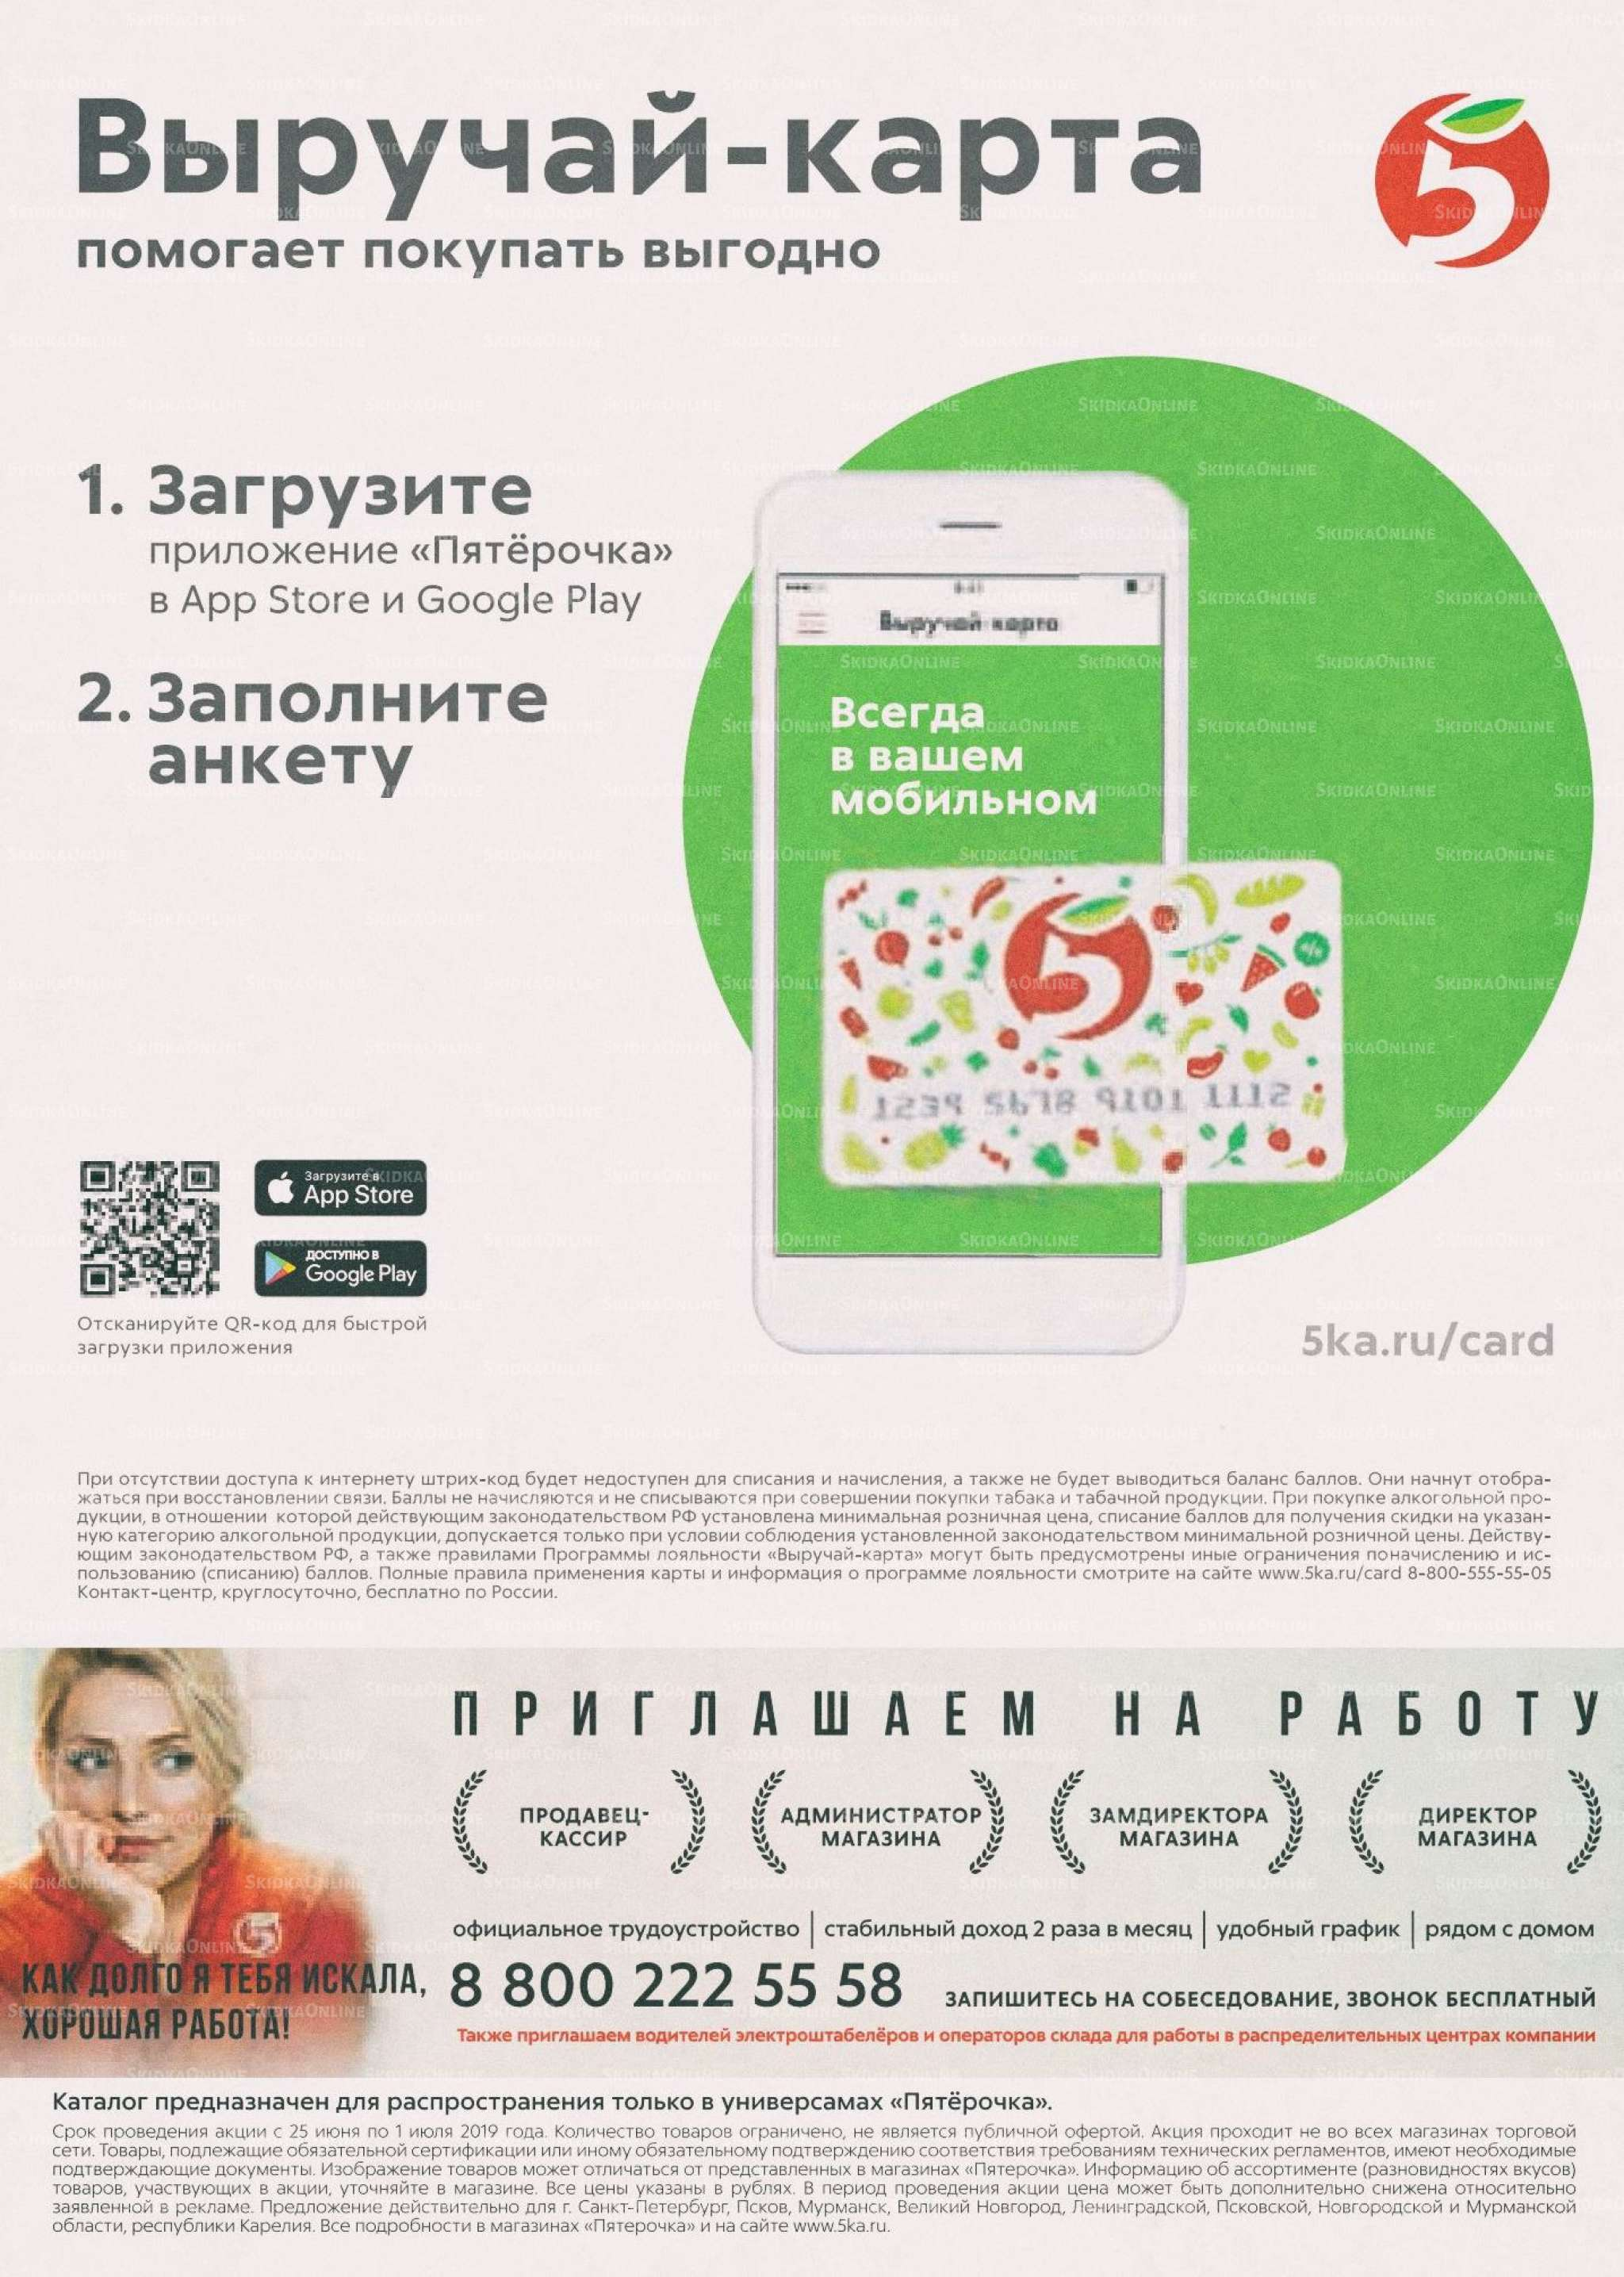 Акции в Пятёрочке с 25 июня по 1 июля 2019 года